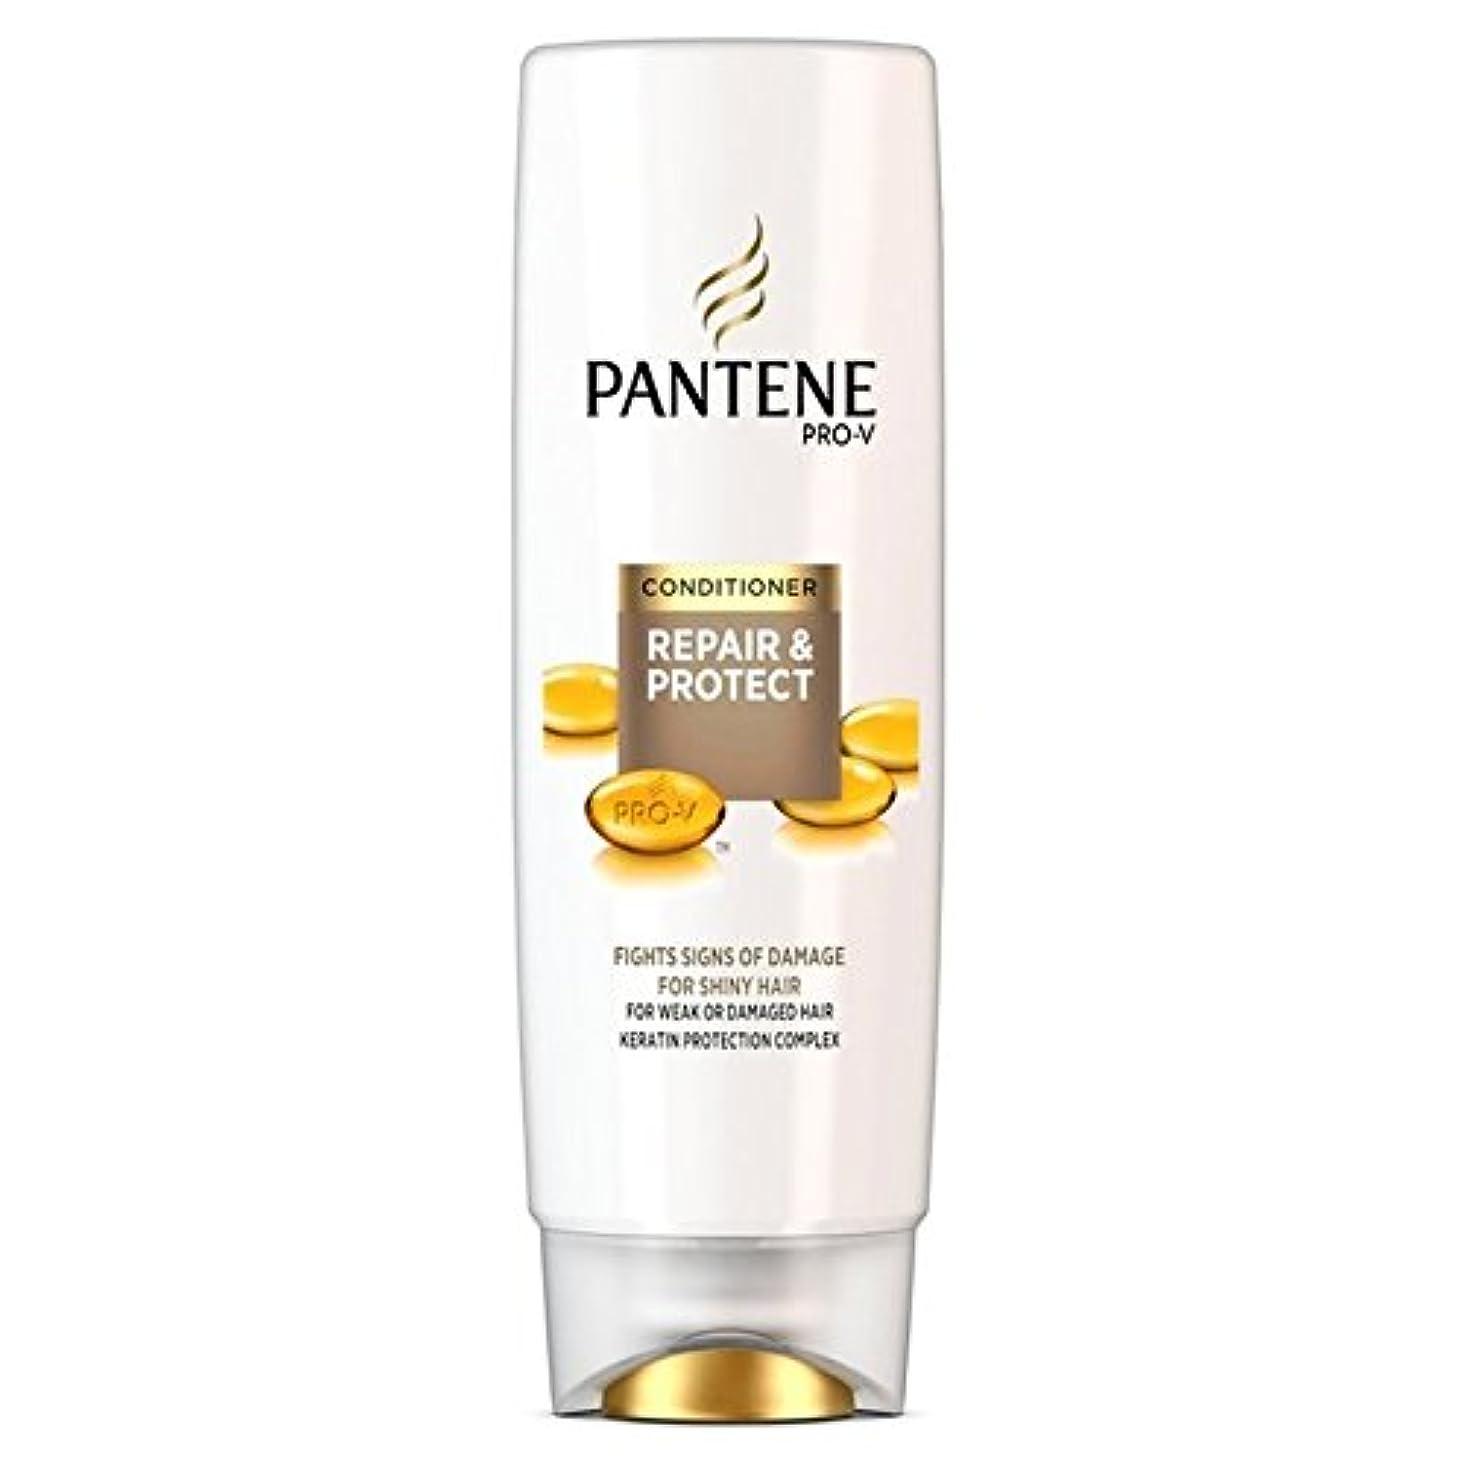 出します精神バングラデシュパンテーンコンディショナーの修理&弱いか、傷んだ髪の250ミリリットルのための保護 x4 - Pantene Conditioner Repair & Protect For Weak Or Damaged Hair 250ml...